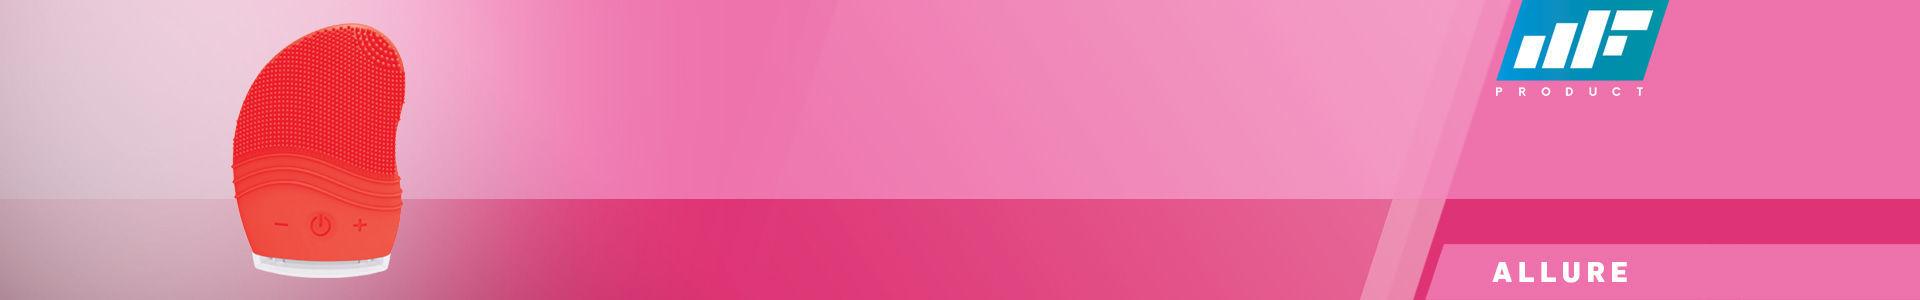 MF Product Allure 0158 Titreşimli Yüz Temizleme Cihazı Kırmızı için en iyi fiyatı buldun!